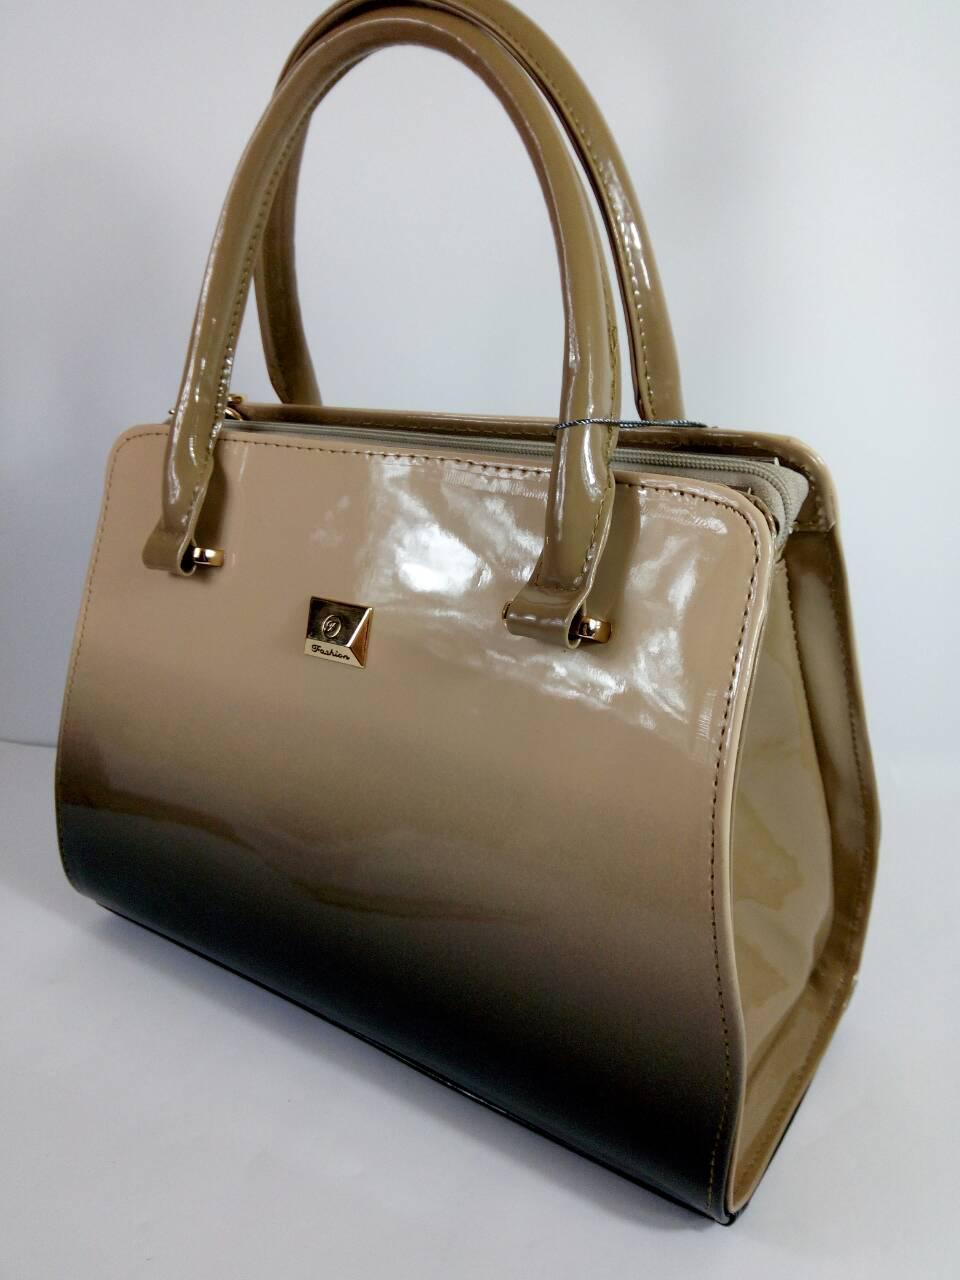 2d7e0642c2a2 Сумка женская стильная классическая бежевая лаковая - Интернет-магазин  женских сумок в Черновцах